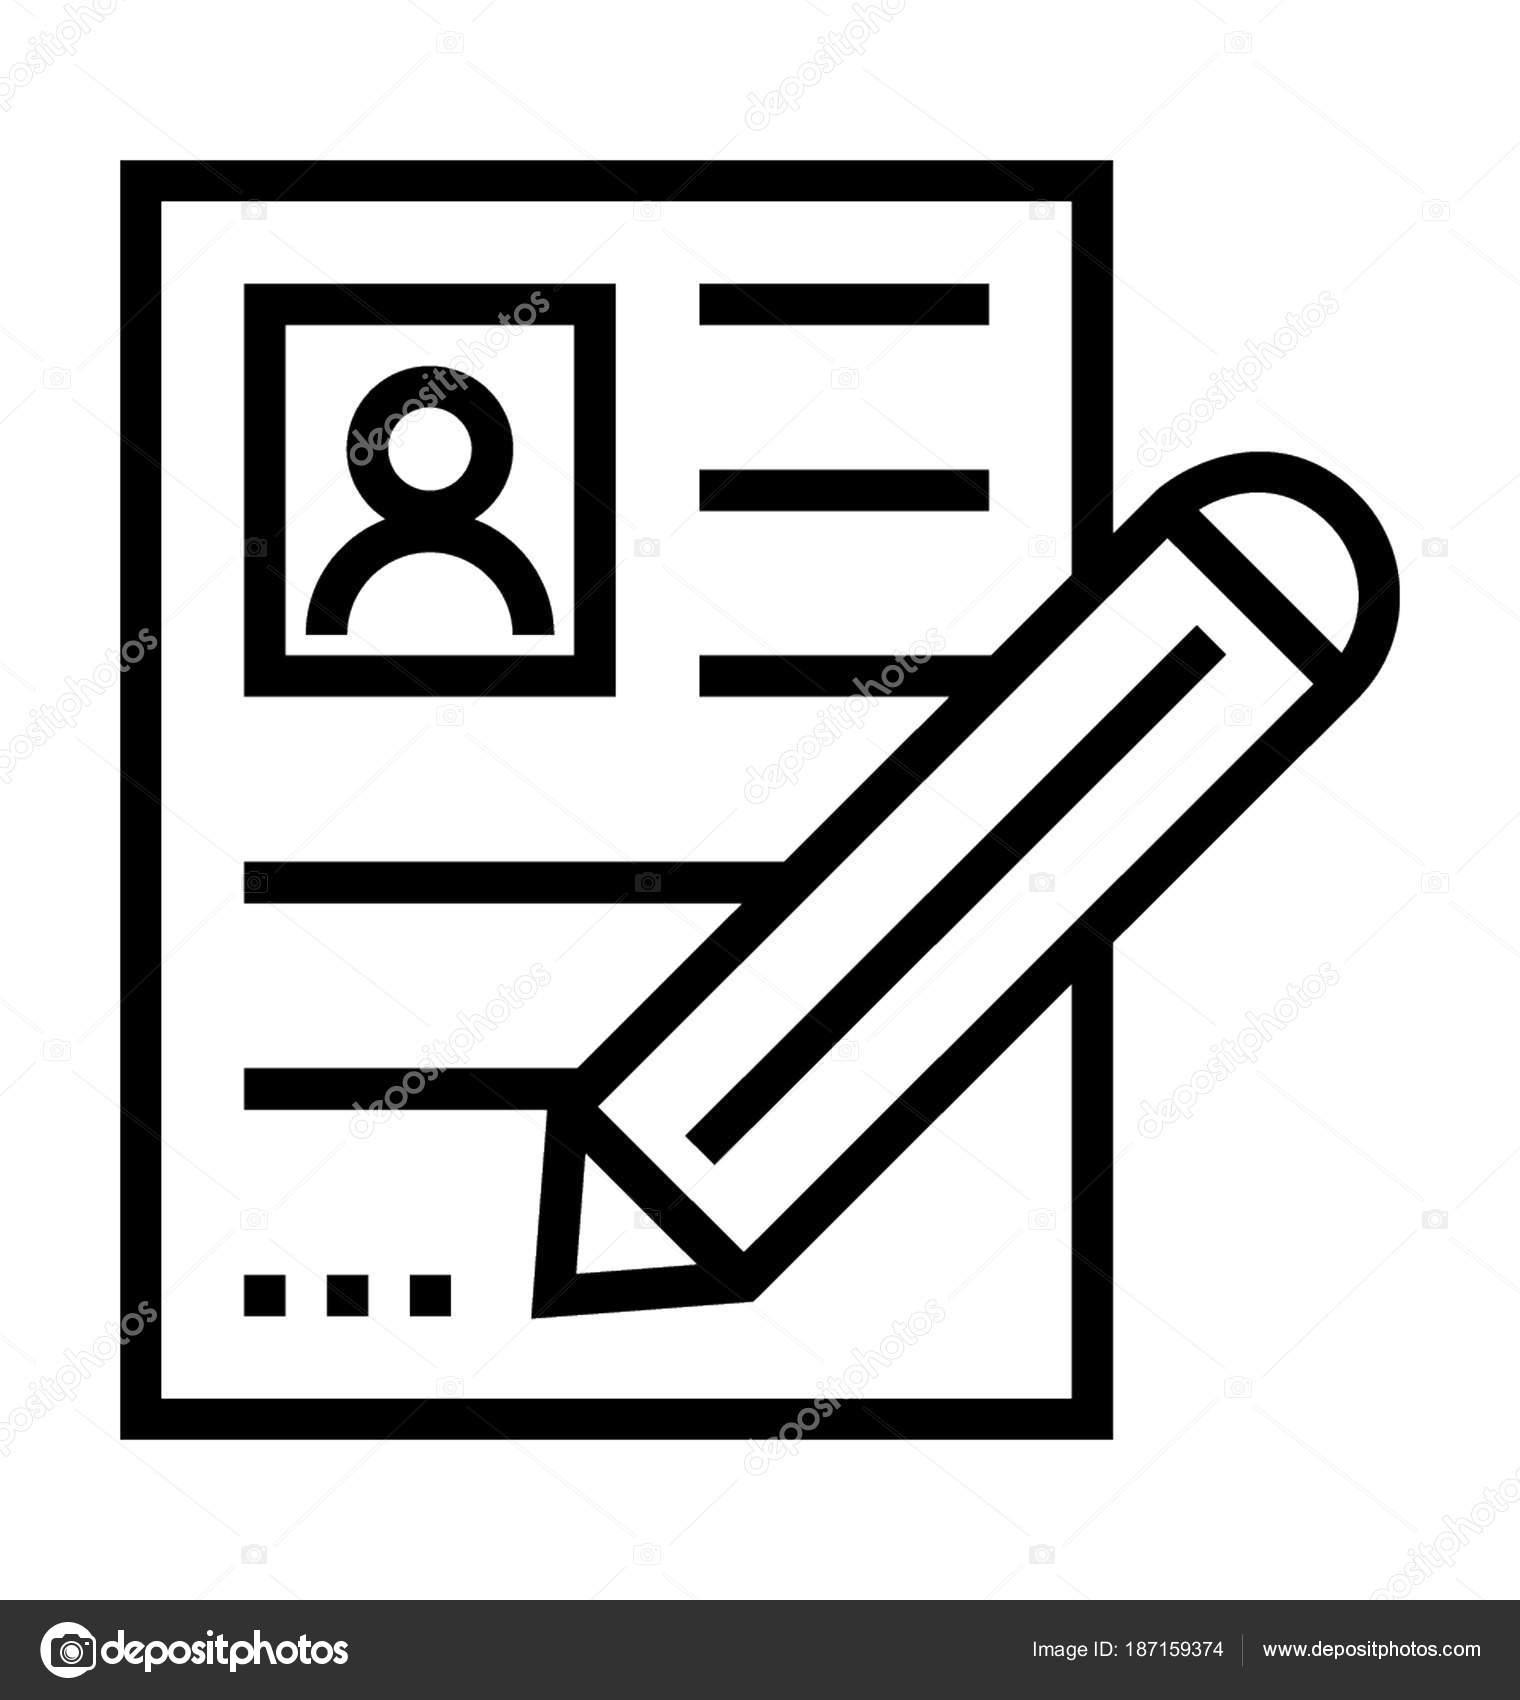 Lebenslauf schreiben Vektor Icon — Stockvektor © prosymbols #187159374